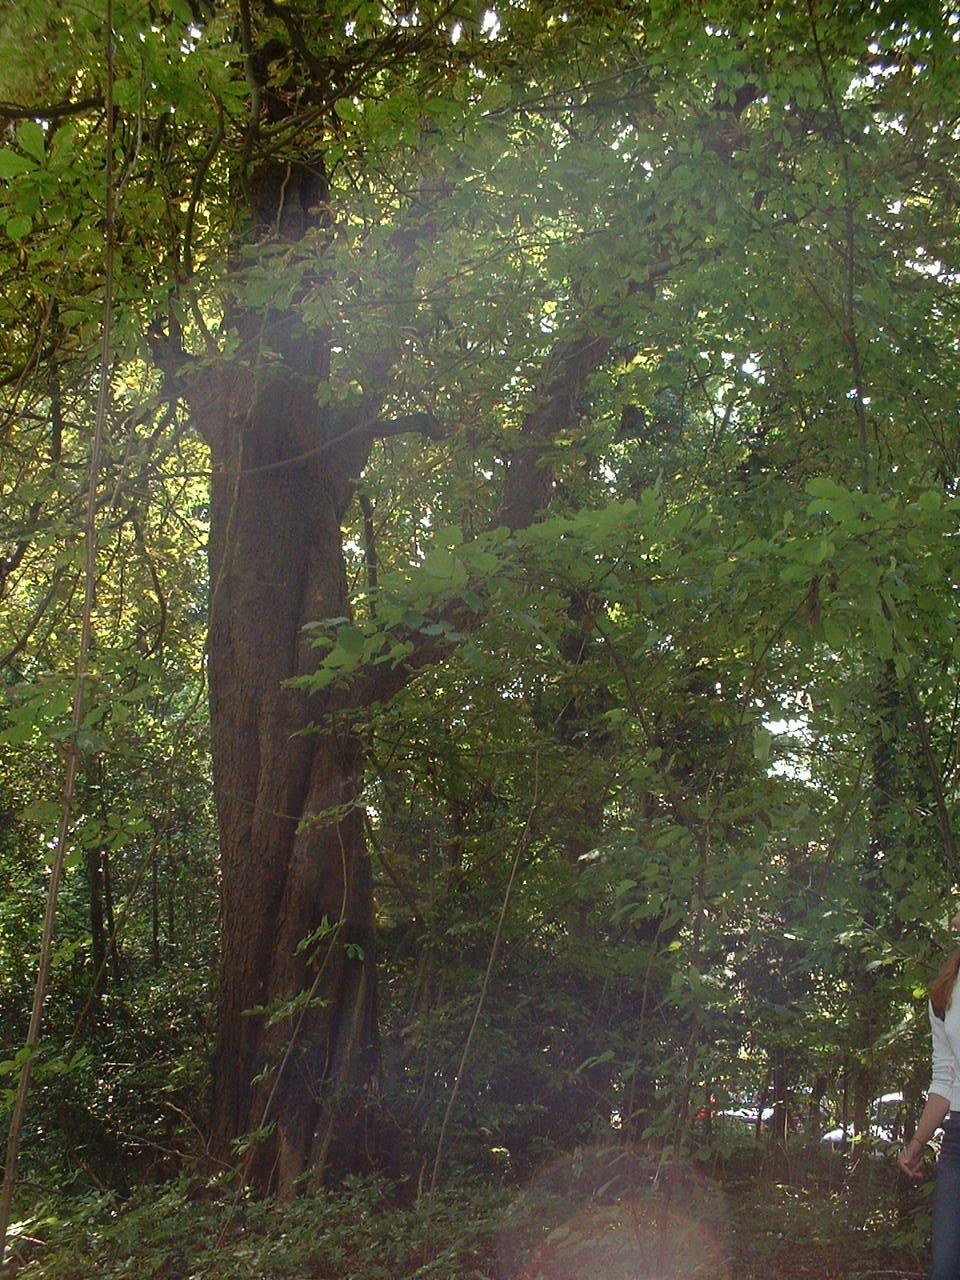 Marronnier commun – Watermael-Boitsfort, Parc privé de l'Institut royal des Sciences naturelles de Belgique et chemin des Chablis, Chemin des Chablis, 4 –  17 Juillet 2002